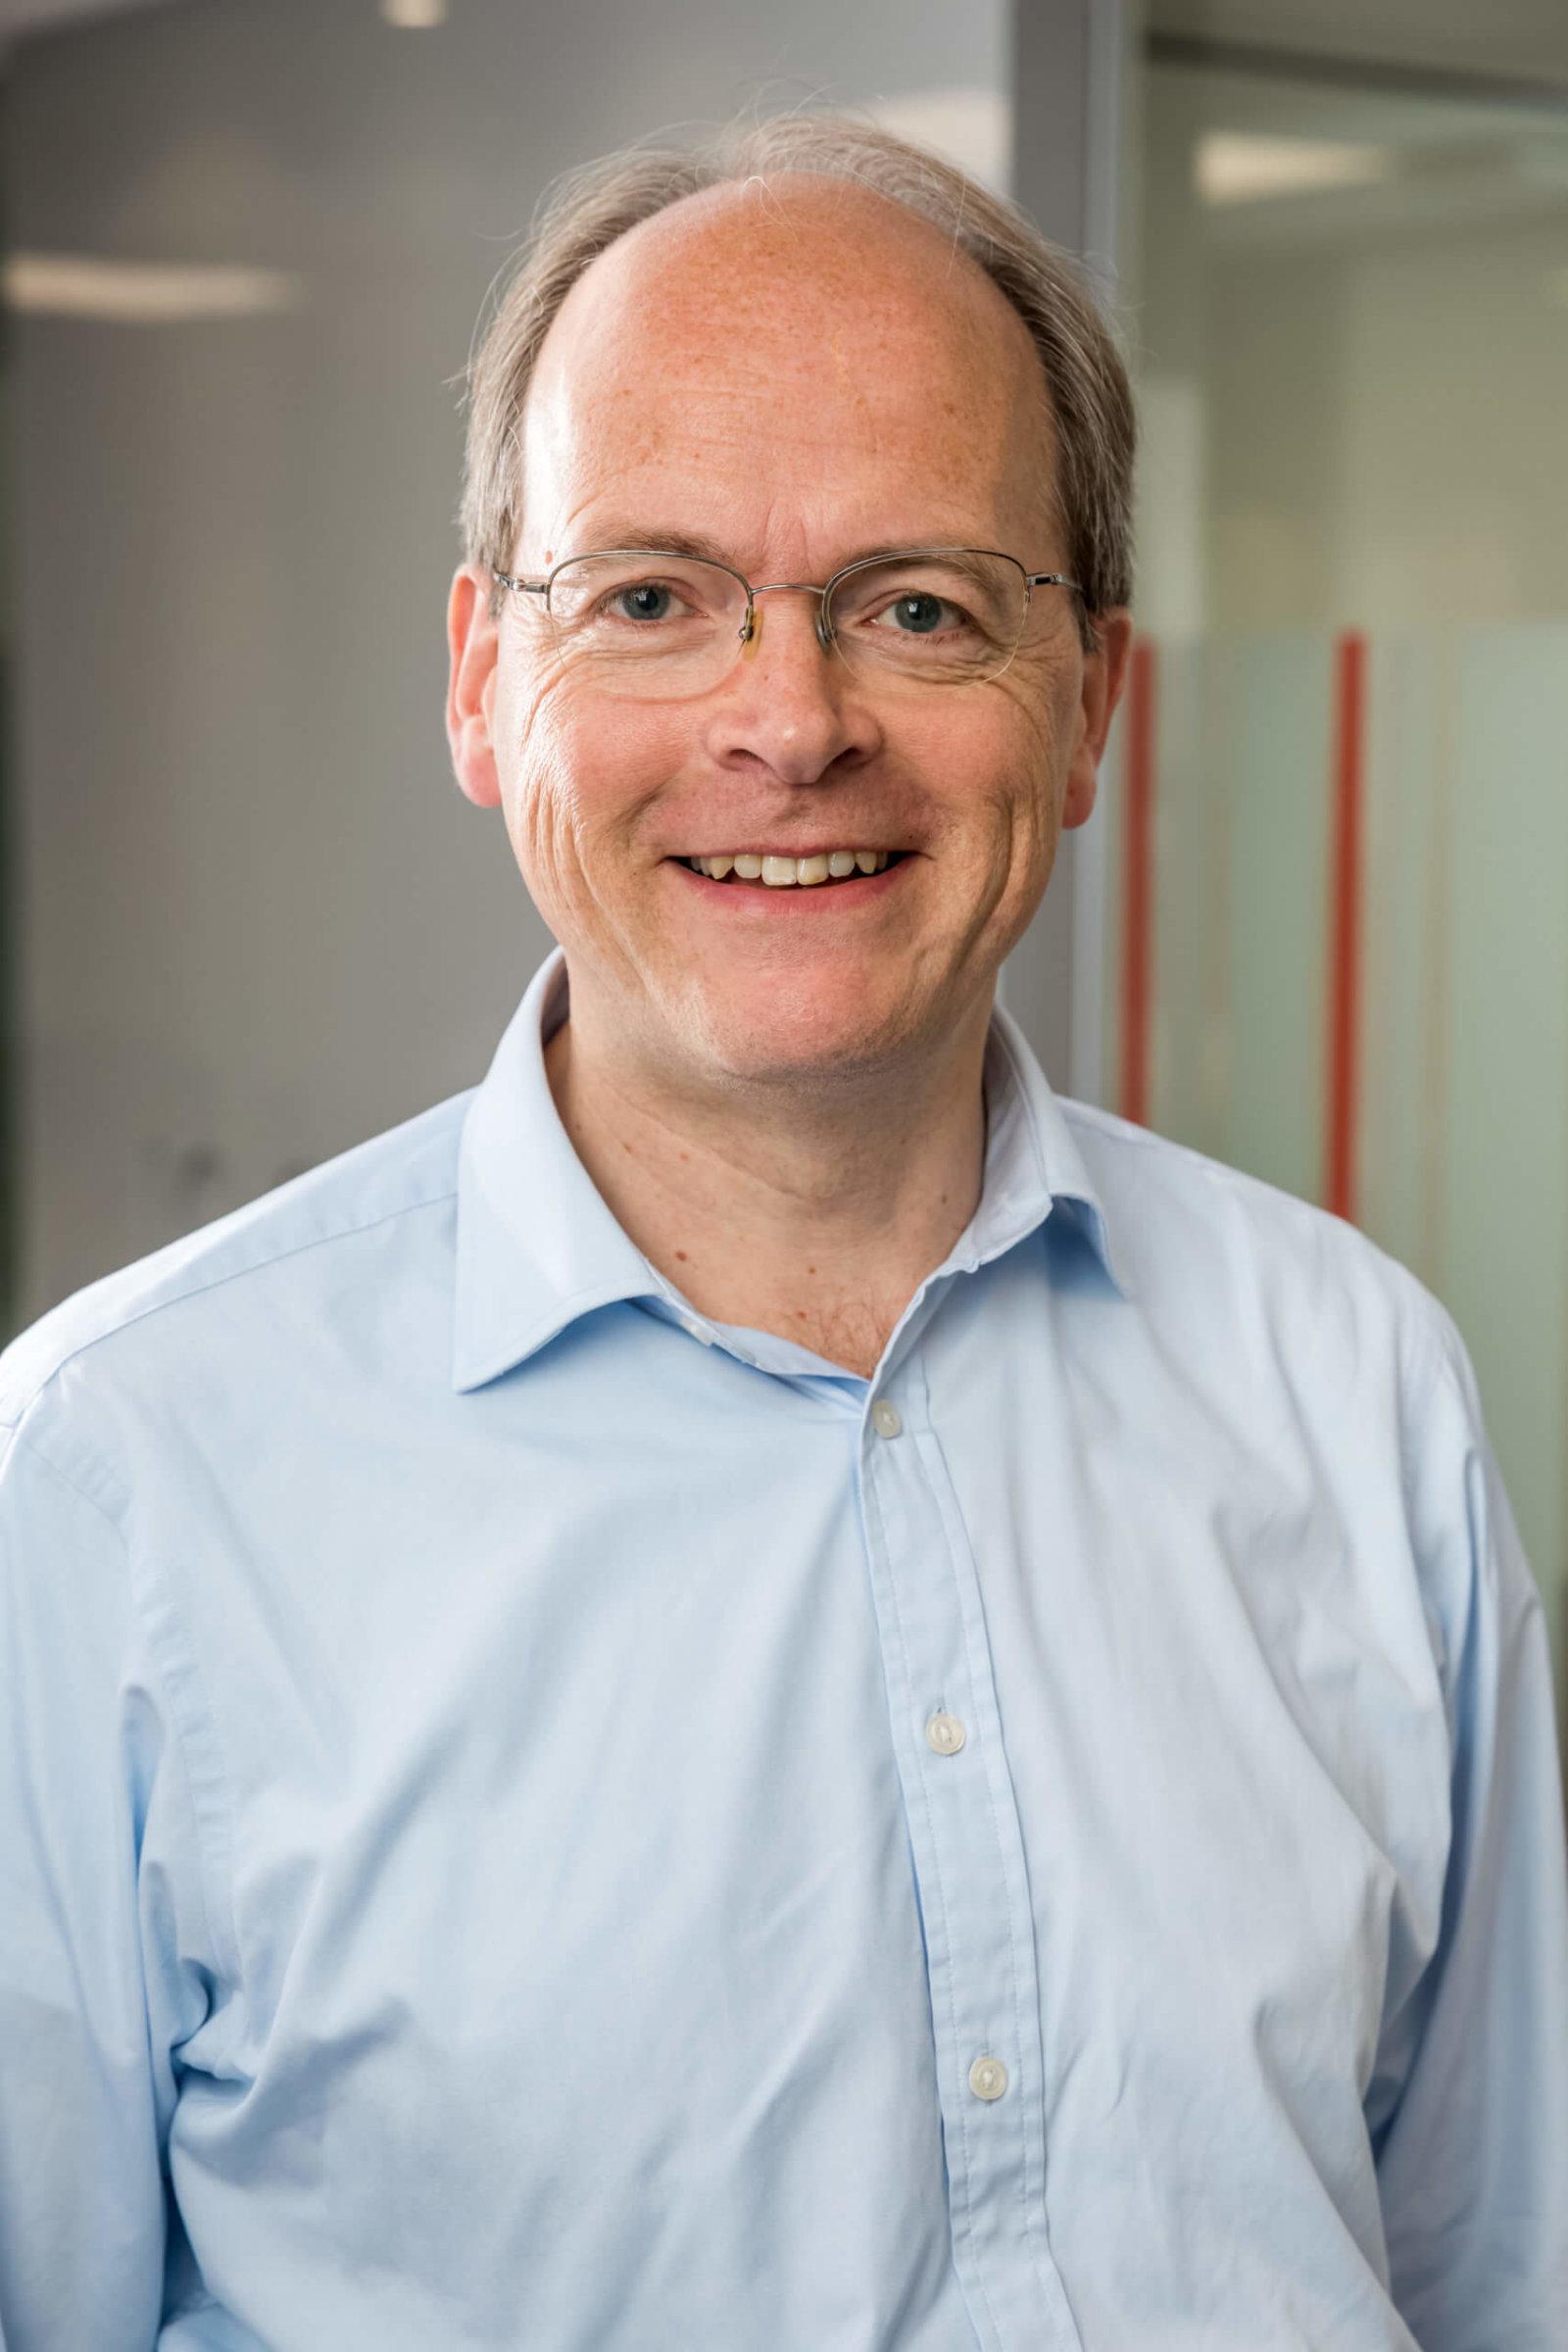 Simon Hirtzel